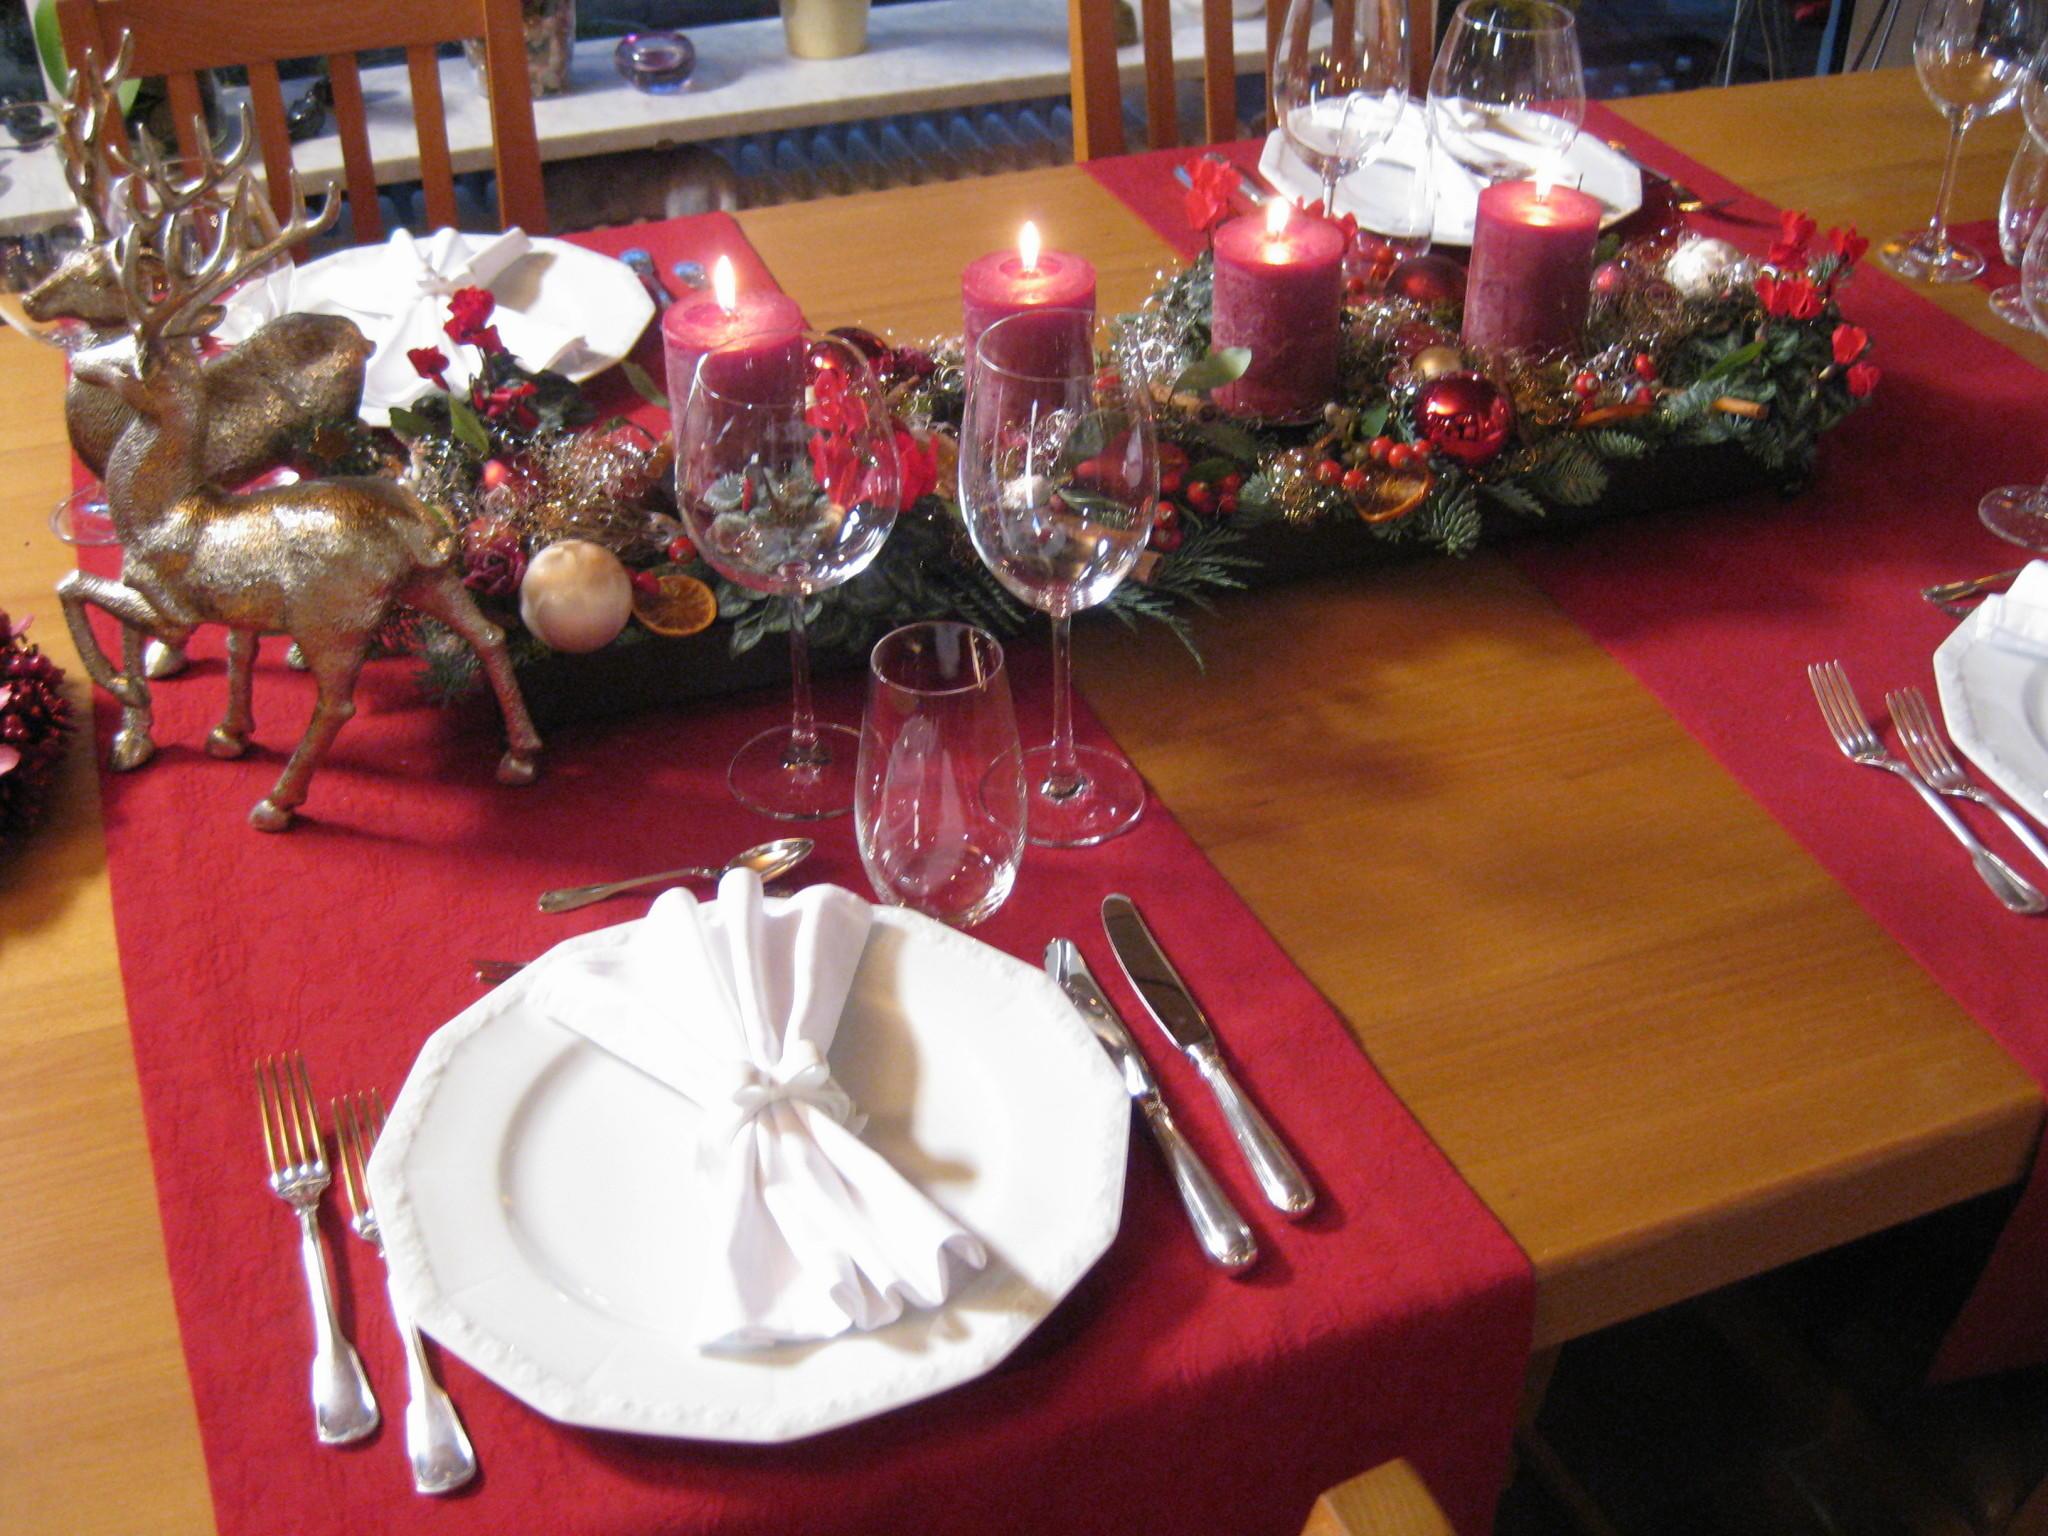 Tischdeko zu weihnachten so wird ihre tafel ein fest - Weihnachts tischdeko ideen ...